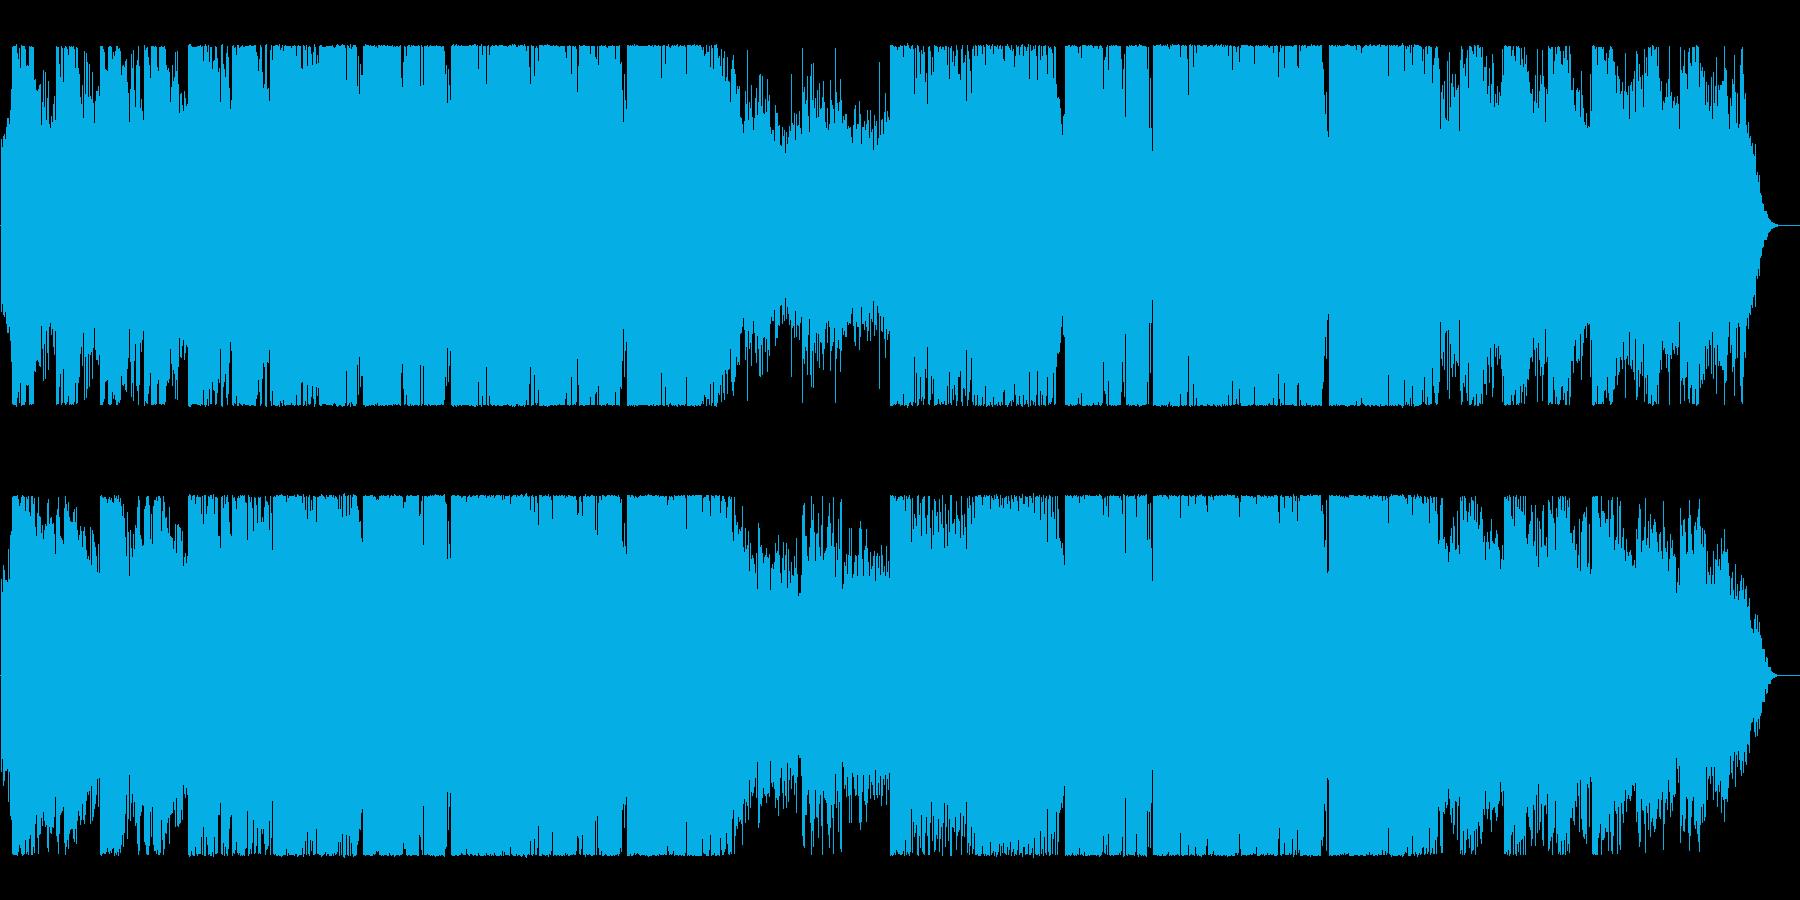 流行のドラマチックなフューチャーベースの再生済みの波形